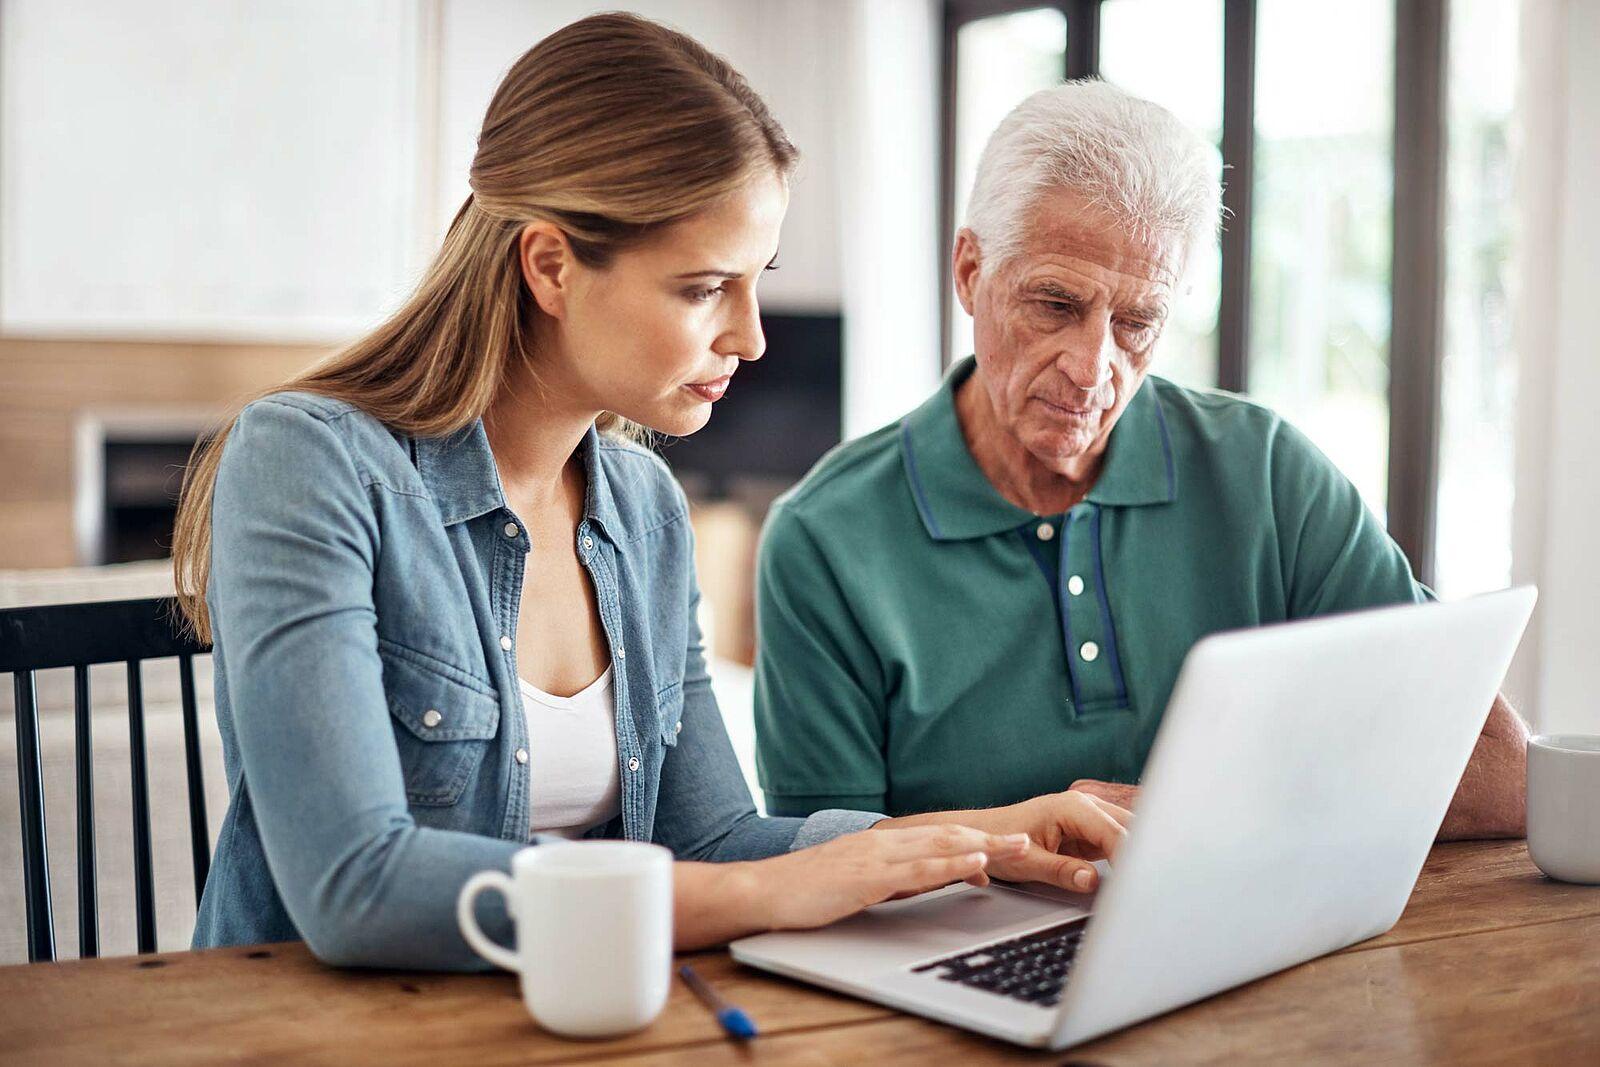 Bildausschnitt einer jungen Frau, die einen älteren Herrn am Laptop berät.